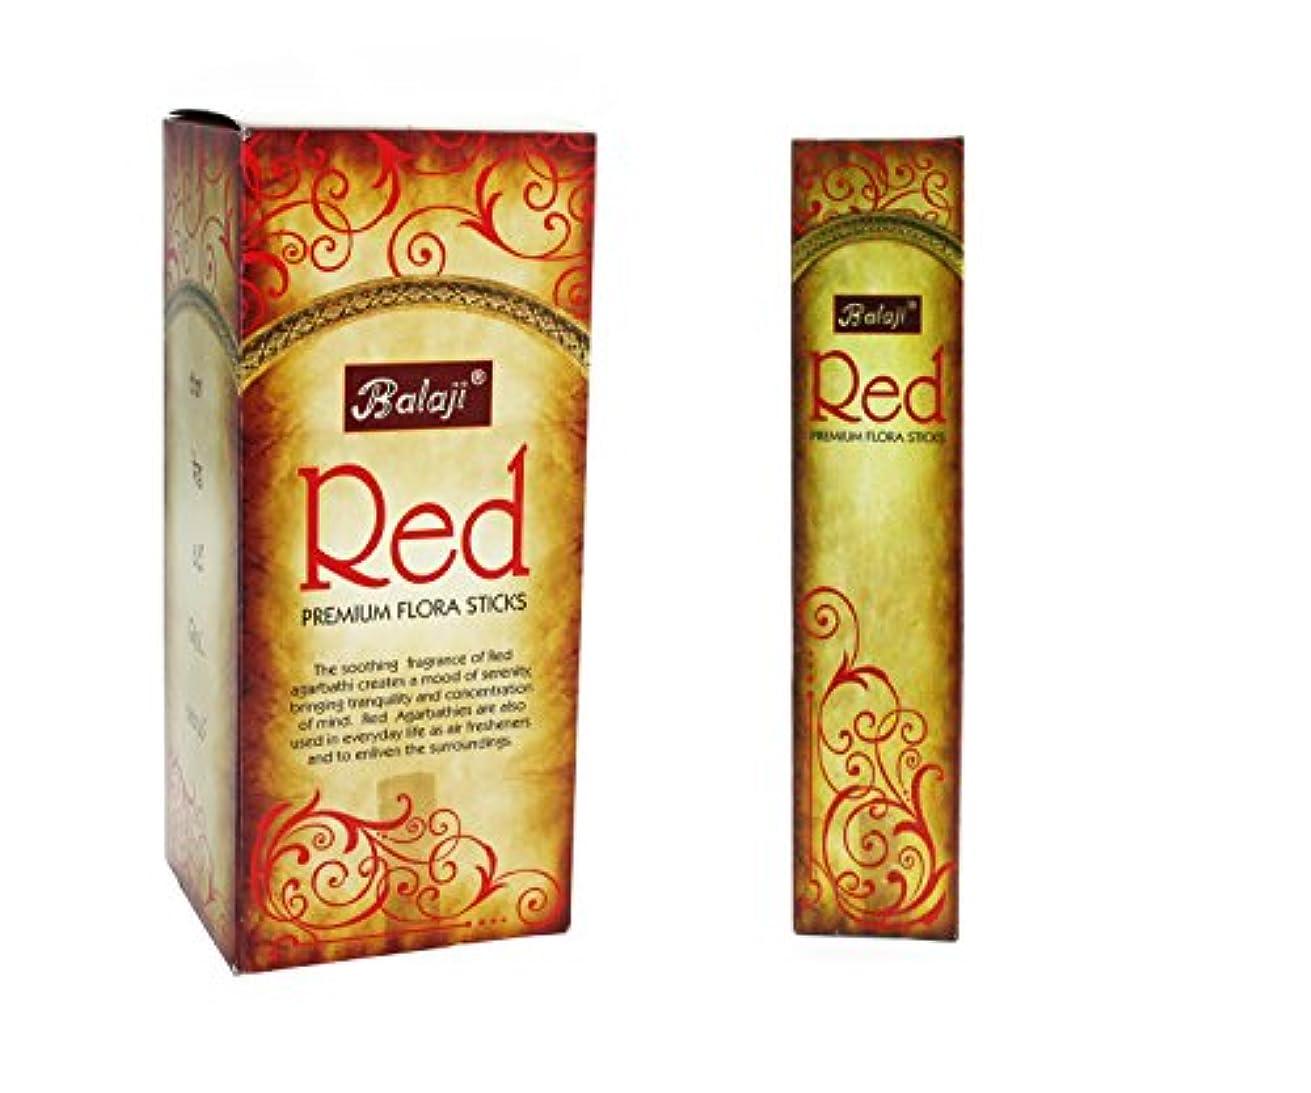 おっと魅力的非アクティブBalaji Red Premium Flora Sticks (Incense/Joss Sticks/ Agarbatti) (12 units x 15 Sticks) by Balaji